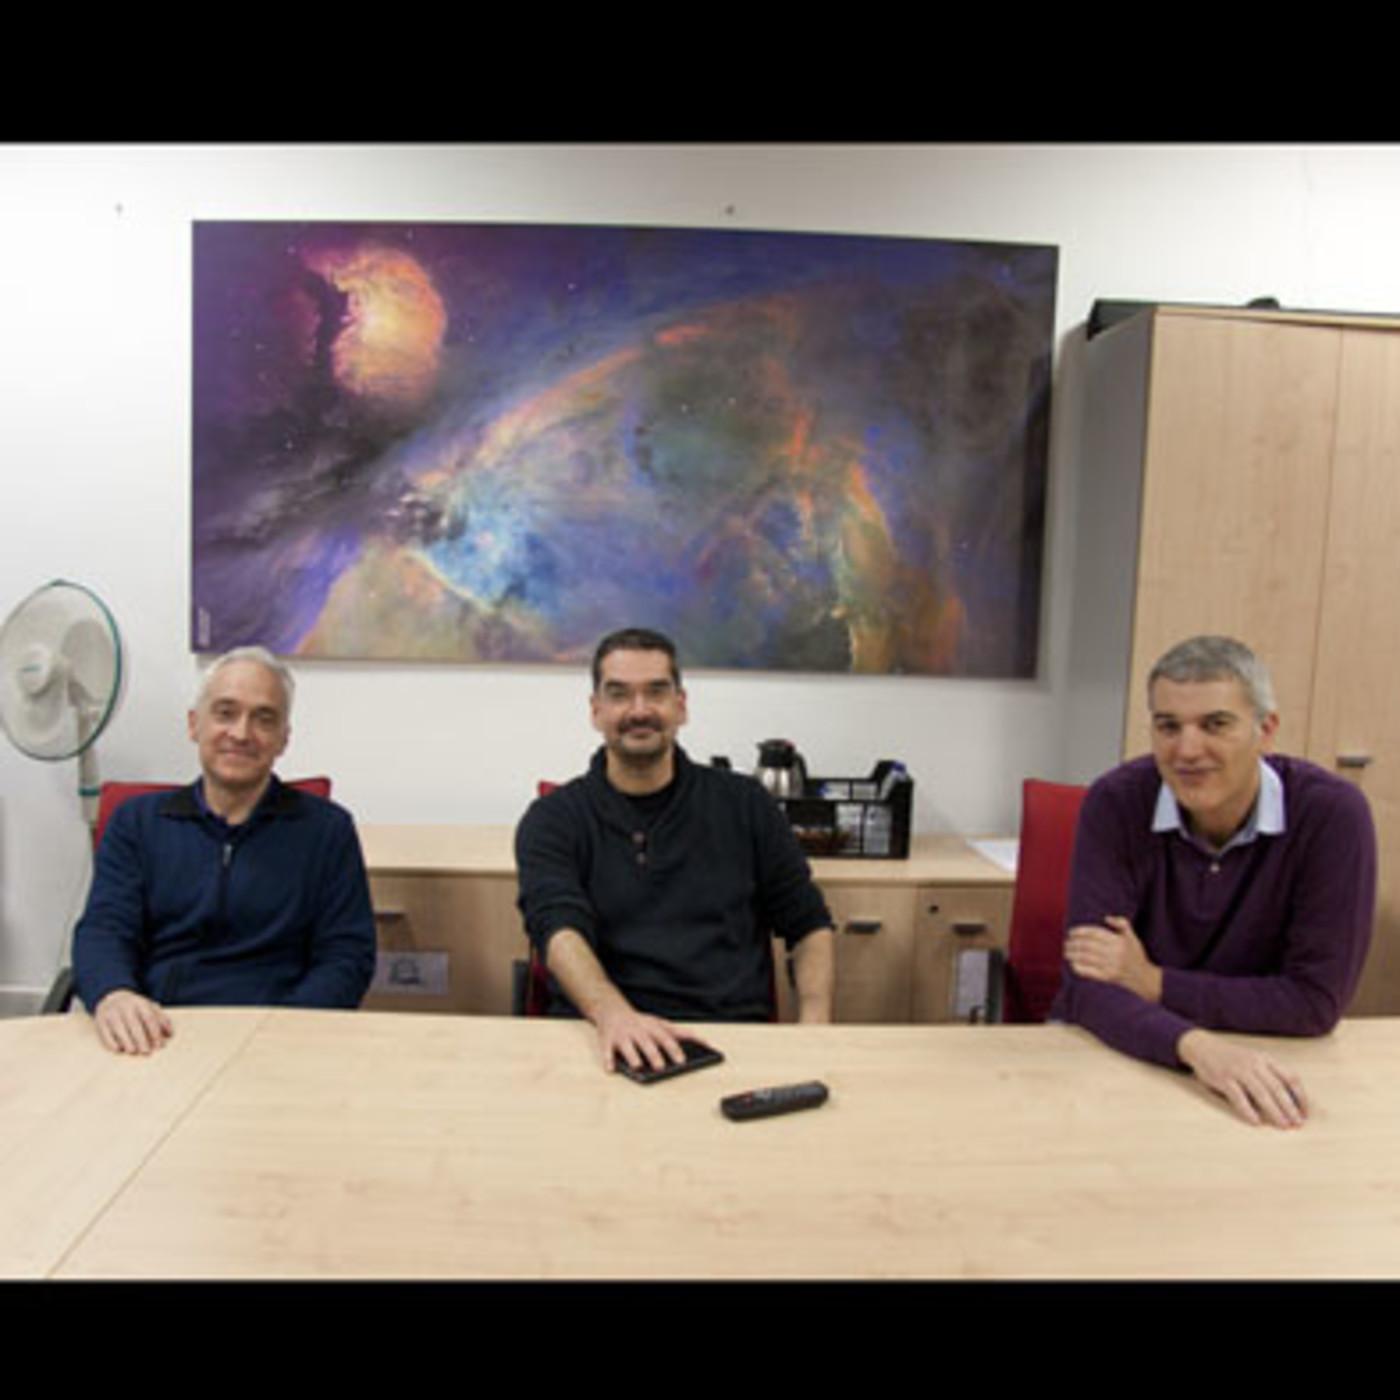 Ep99: TRAPPIST-1 y sus 7 Planetas; Planeta 9: Nuevas Pistas; Gravedad Entrópica de Verlinde; Tabby; Hidrógeno Metálico